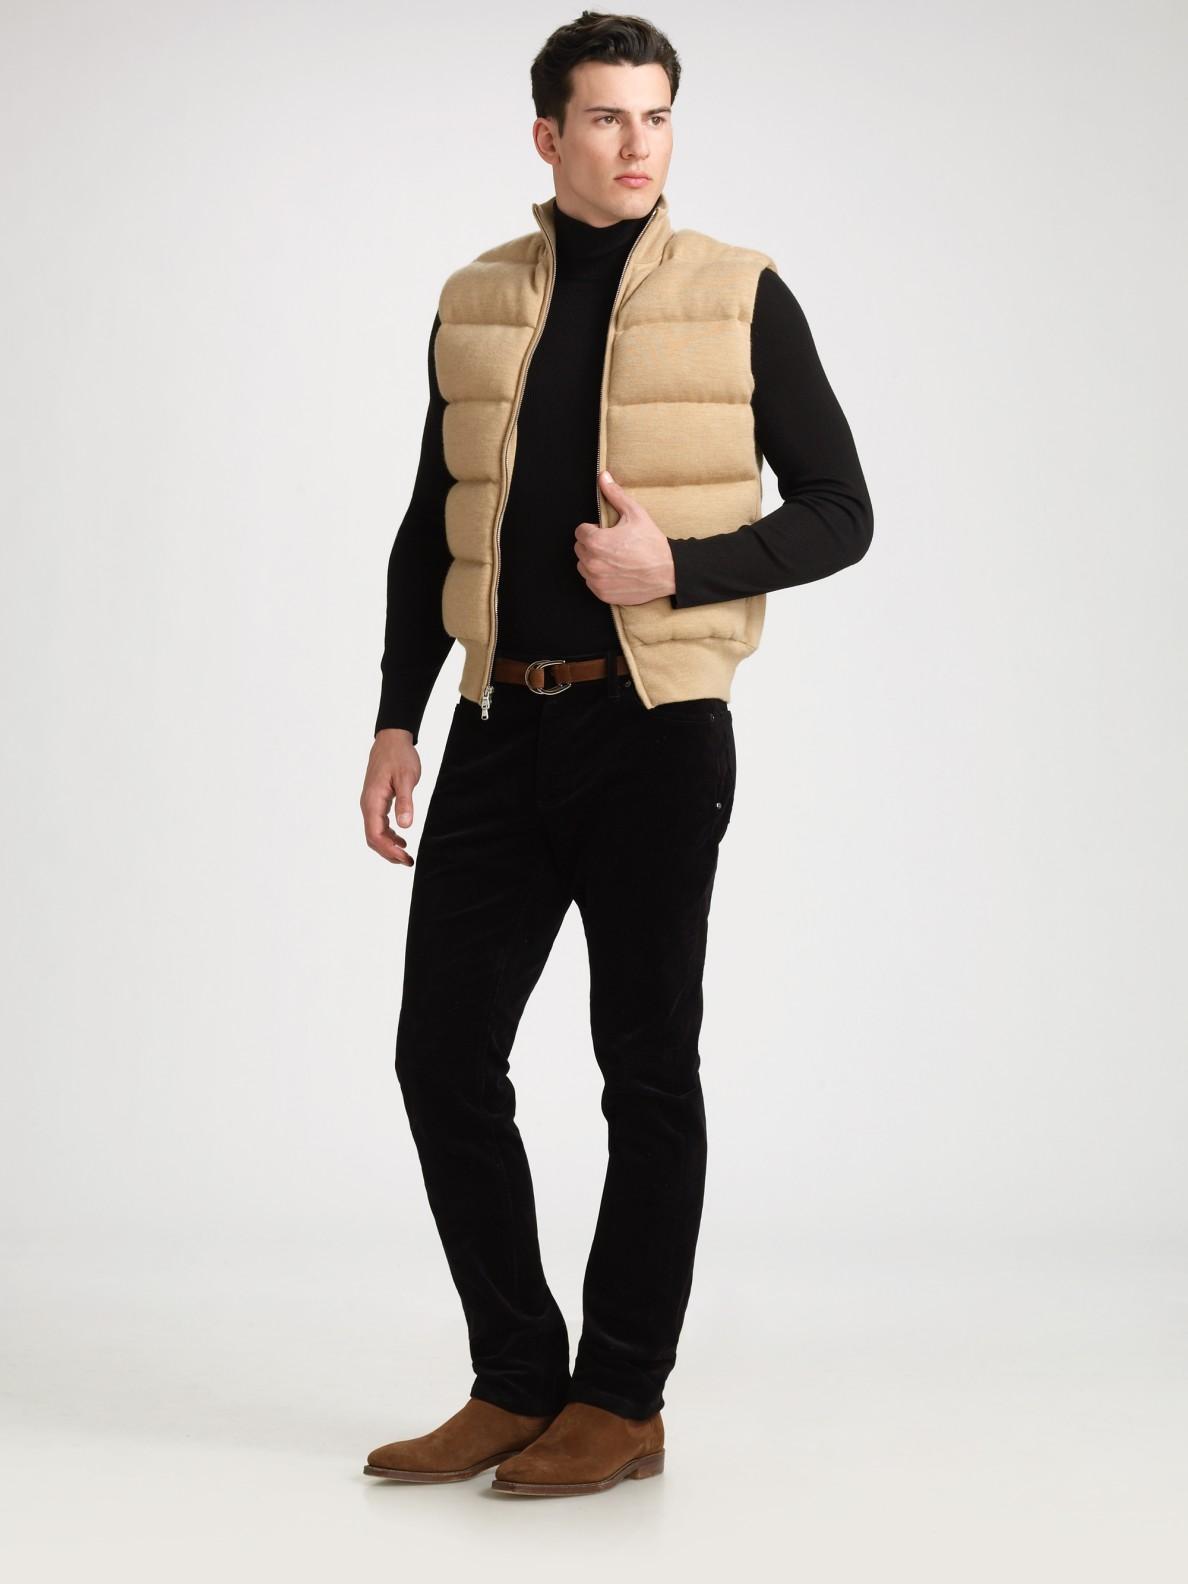 Ralph Lauren Black Label Mockneck Sweater Vest In Beige